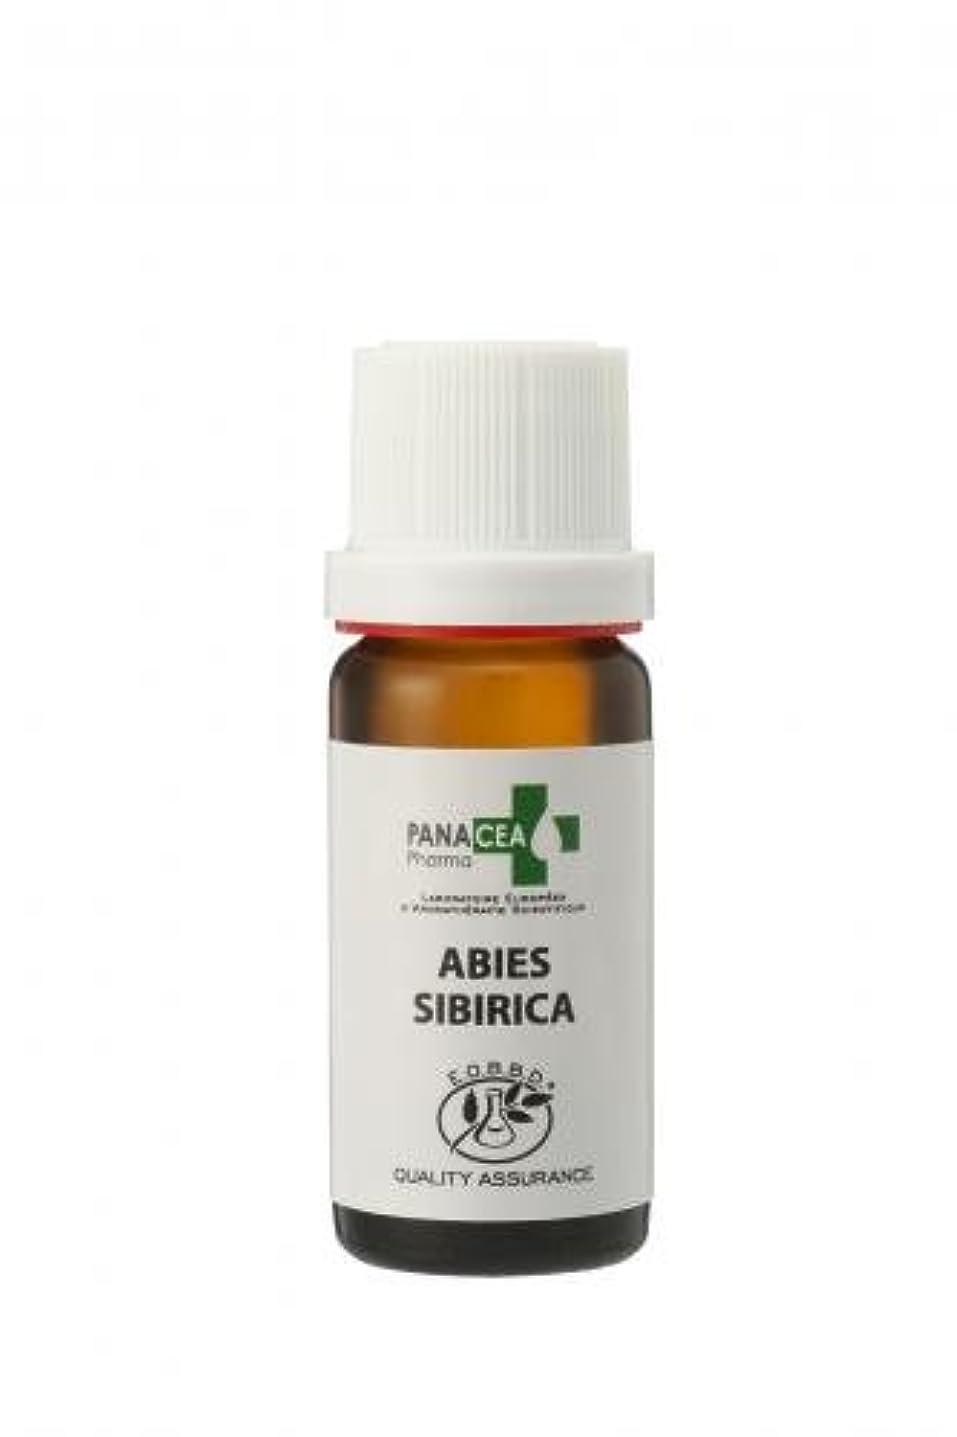 ロックアパル高架シベリアモミ (Abies sibirica) 10ml エッセンシャルオイル PANACEA PHARMA パナセア ファルマ